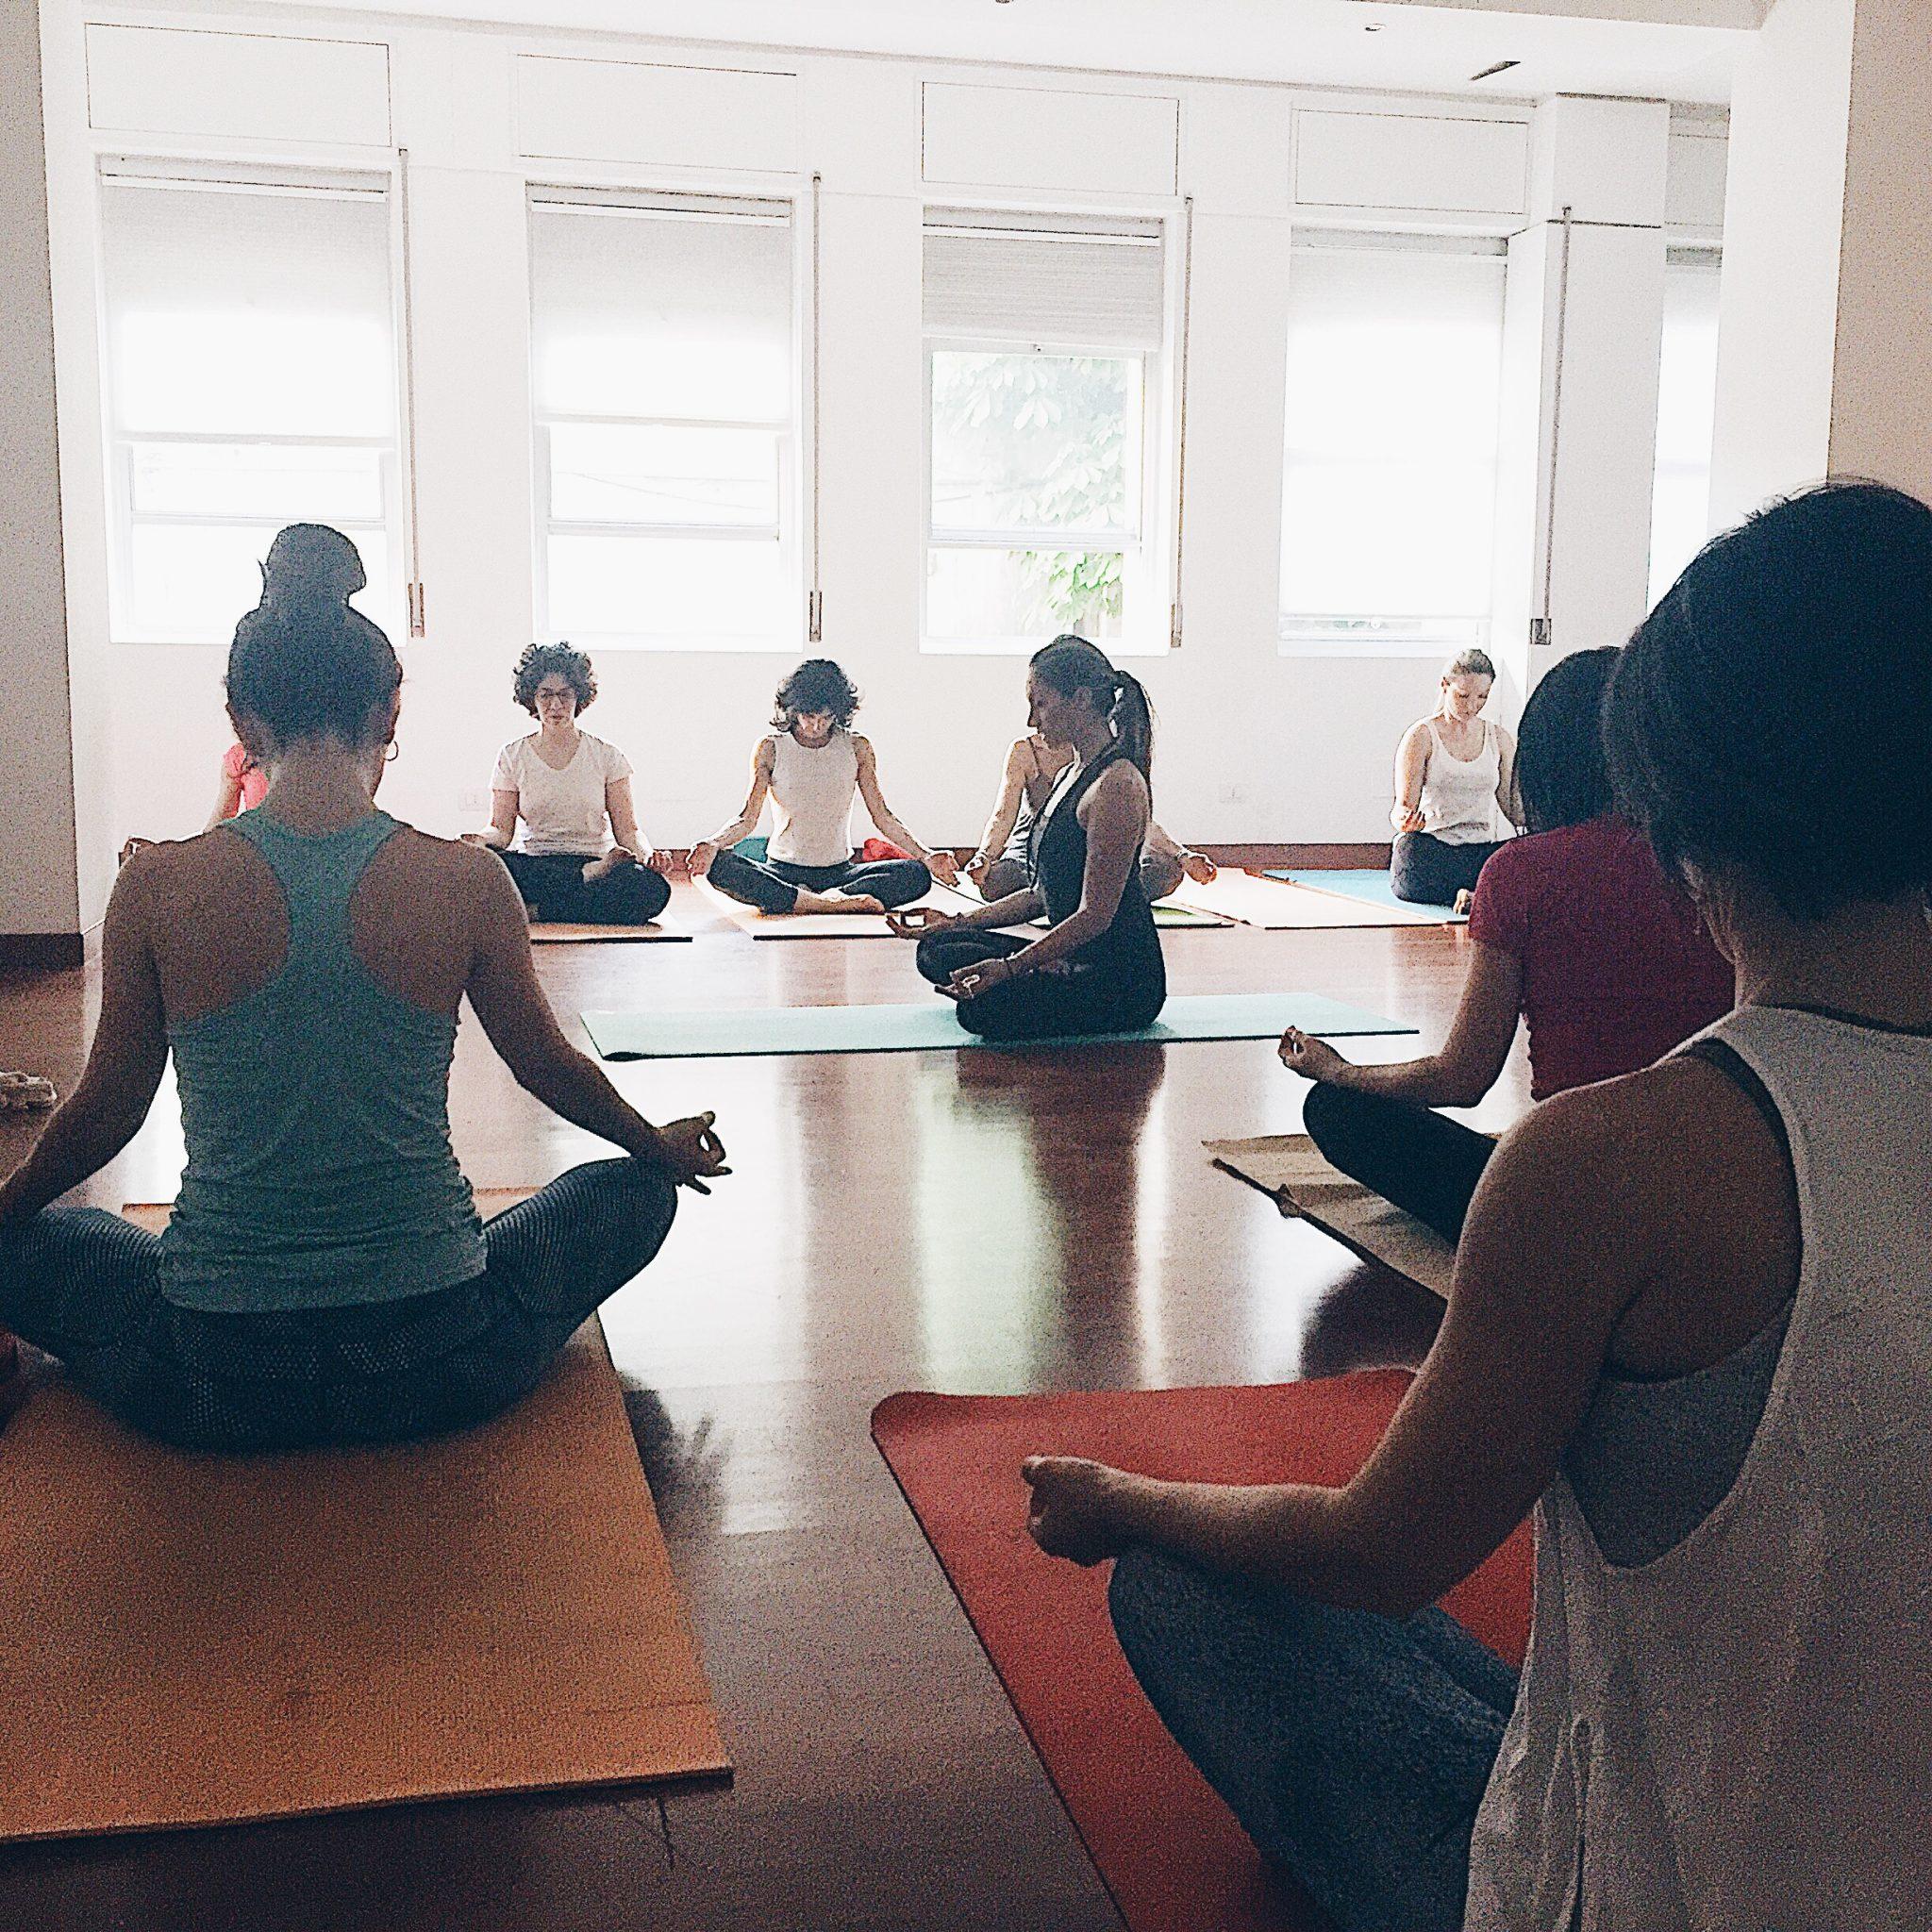 I 5 migliori centri yoga di Milano - BaliYoga - Milano - foto di tatianaberlaffa.com